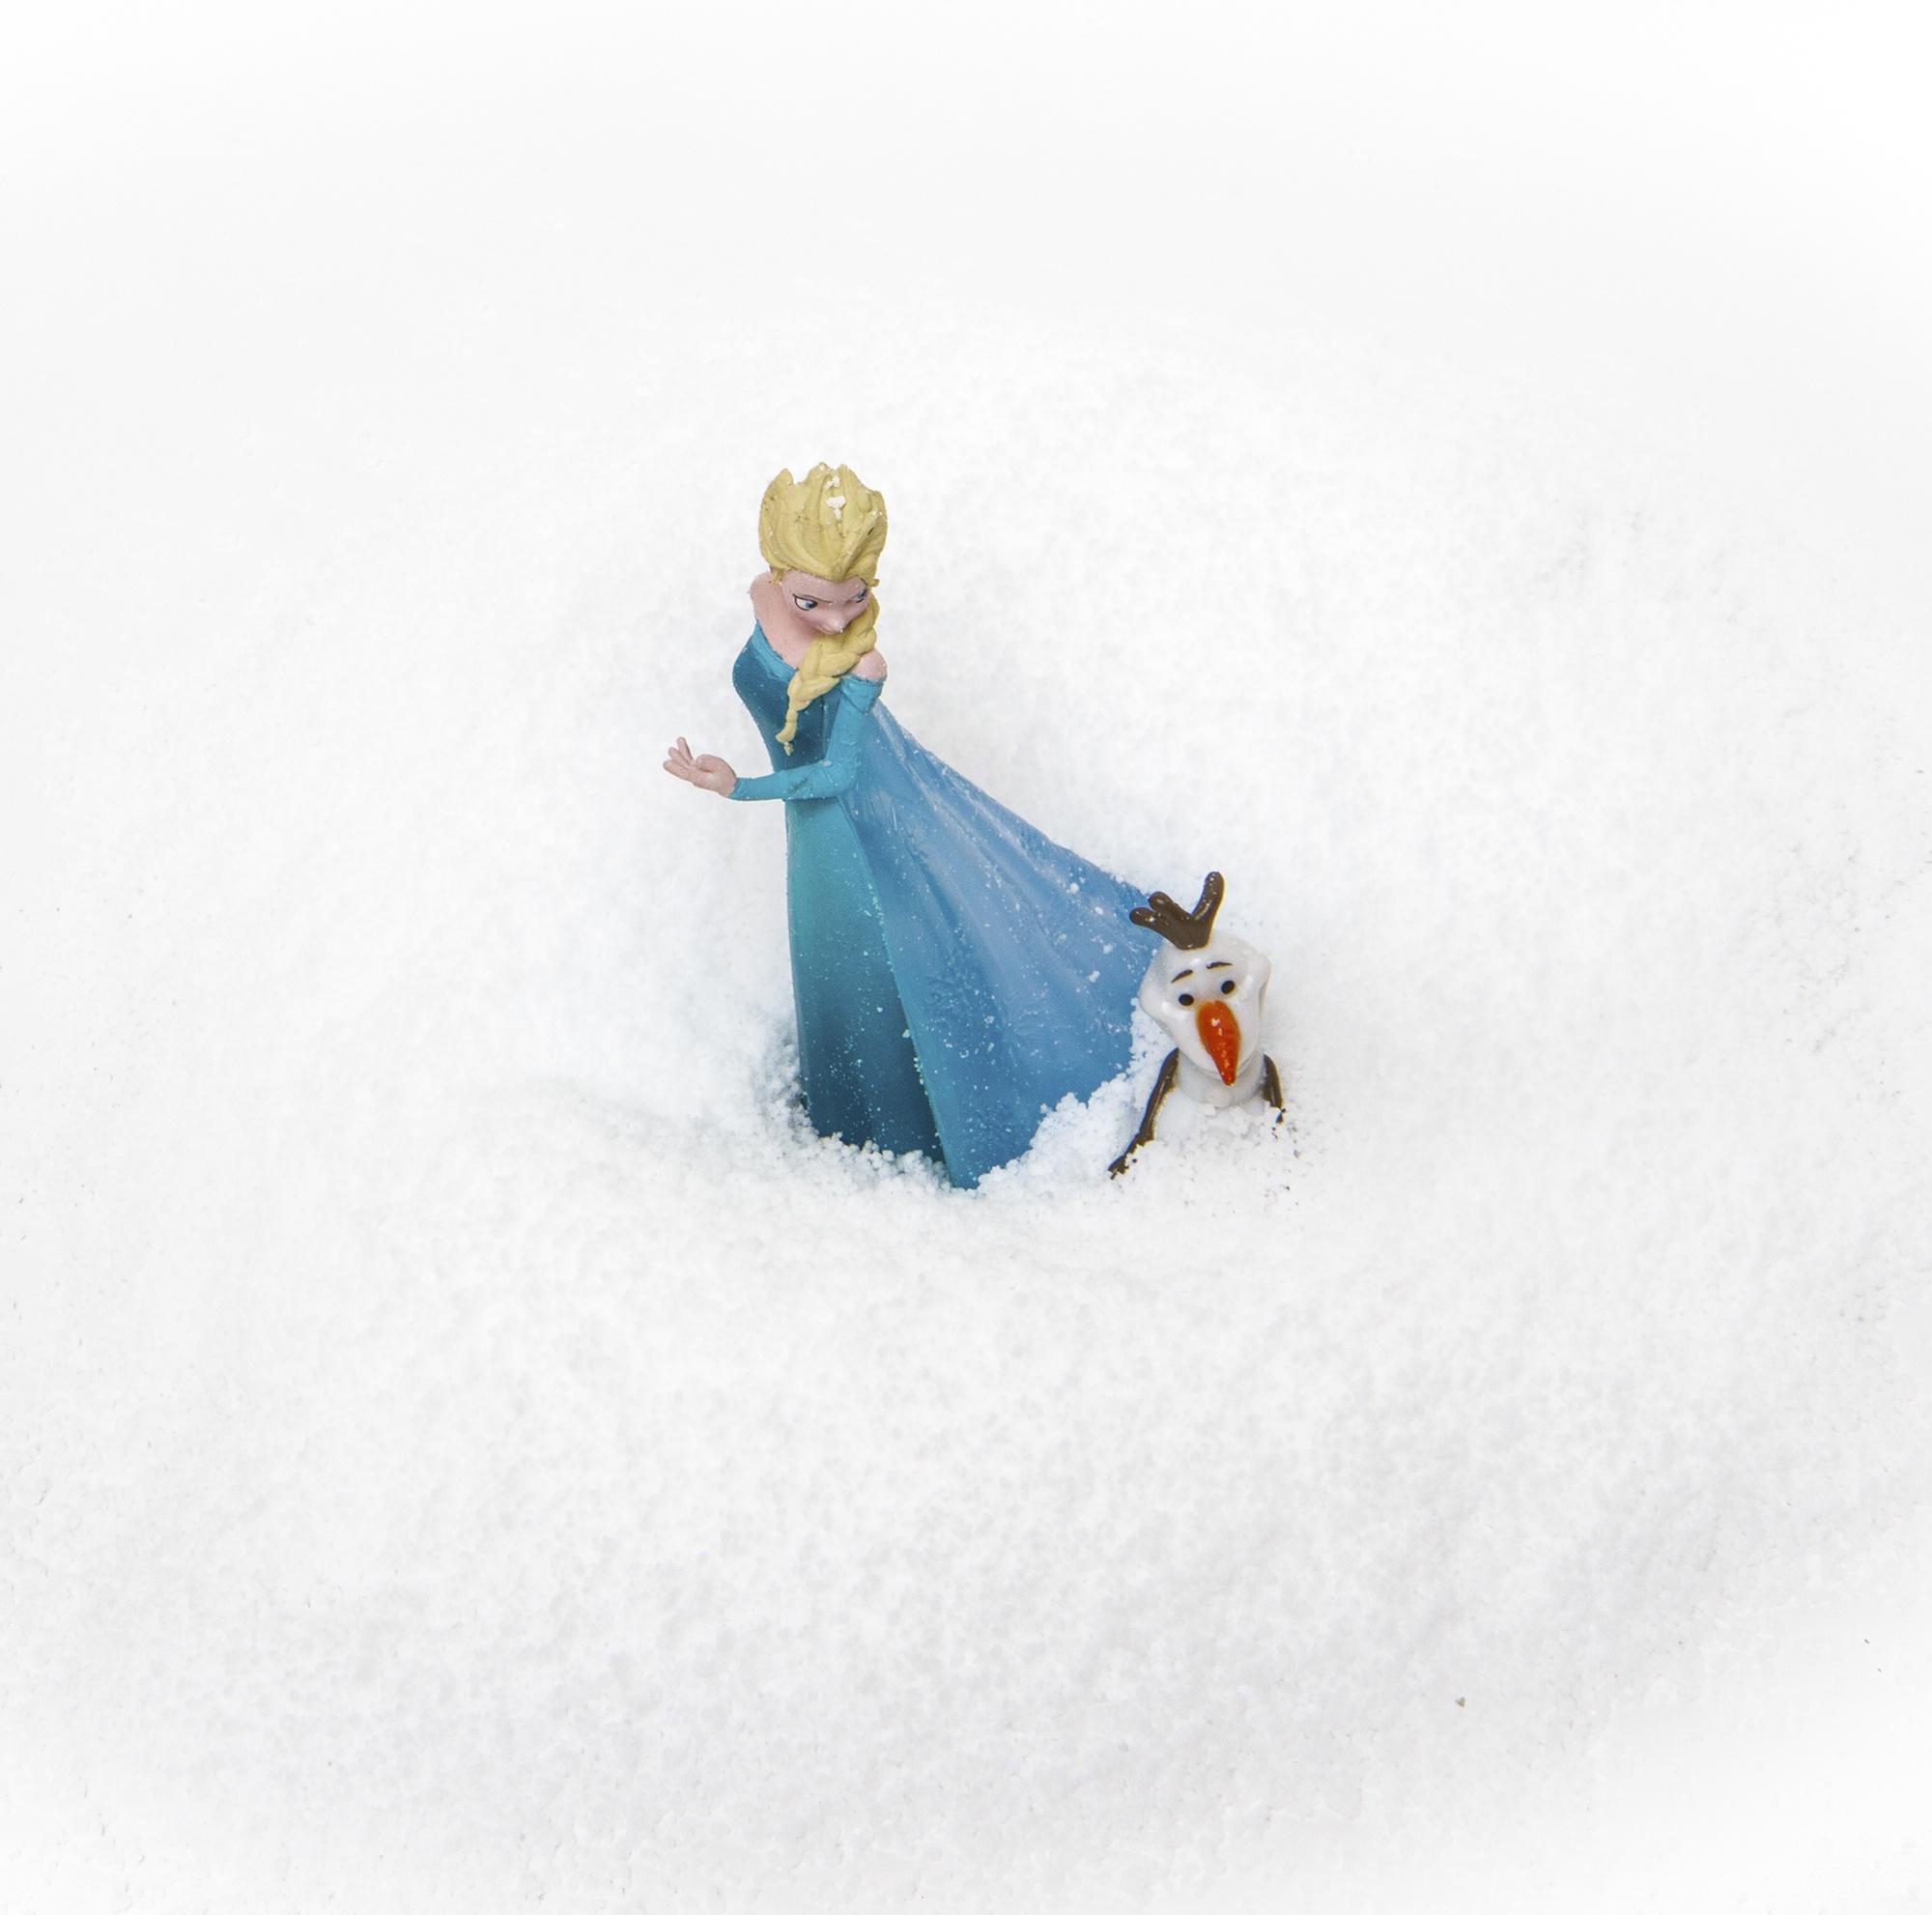 הכנת שלג (ספר בלבד)